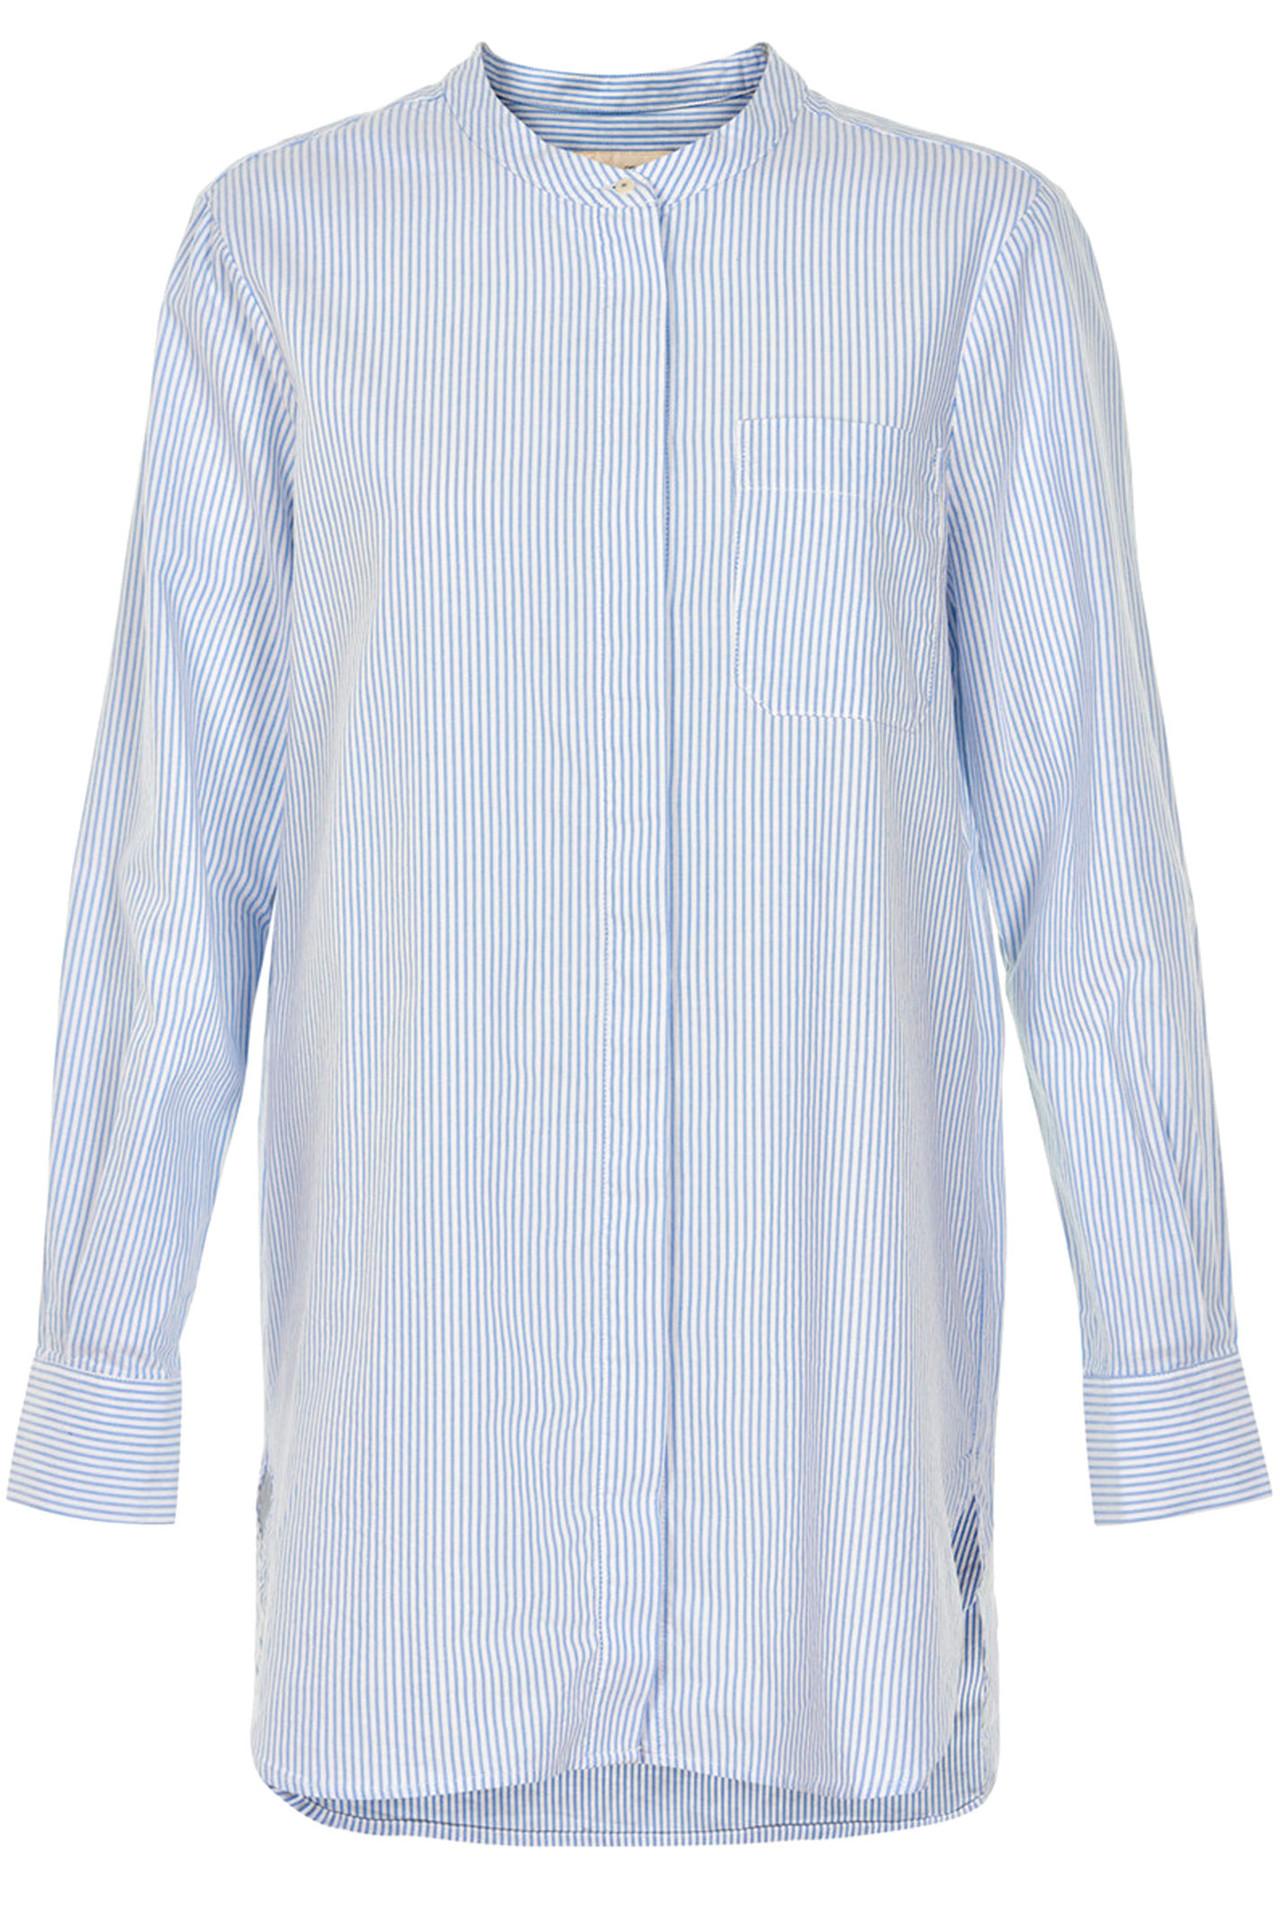 stribet skjorte